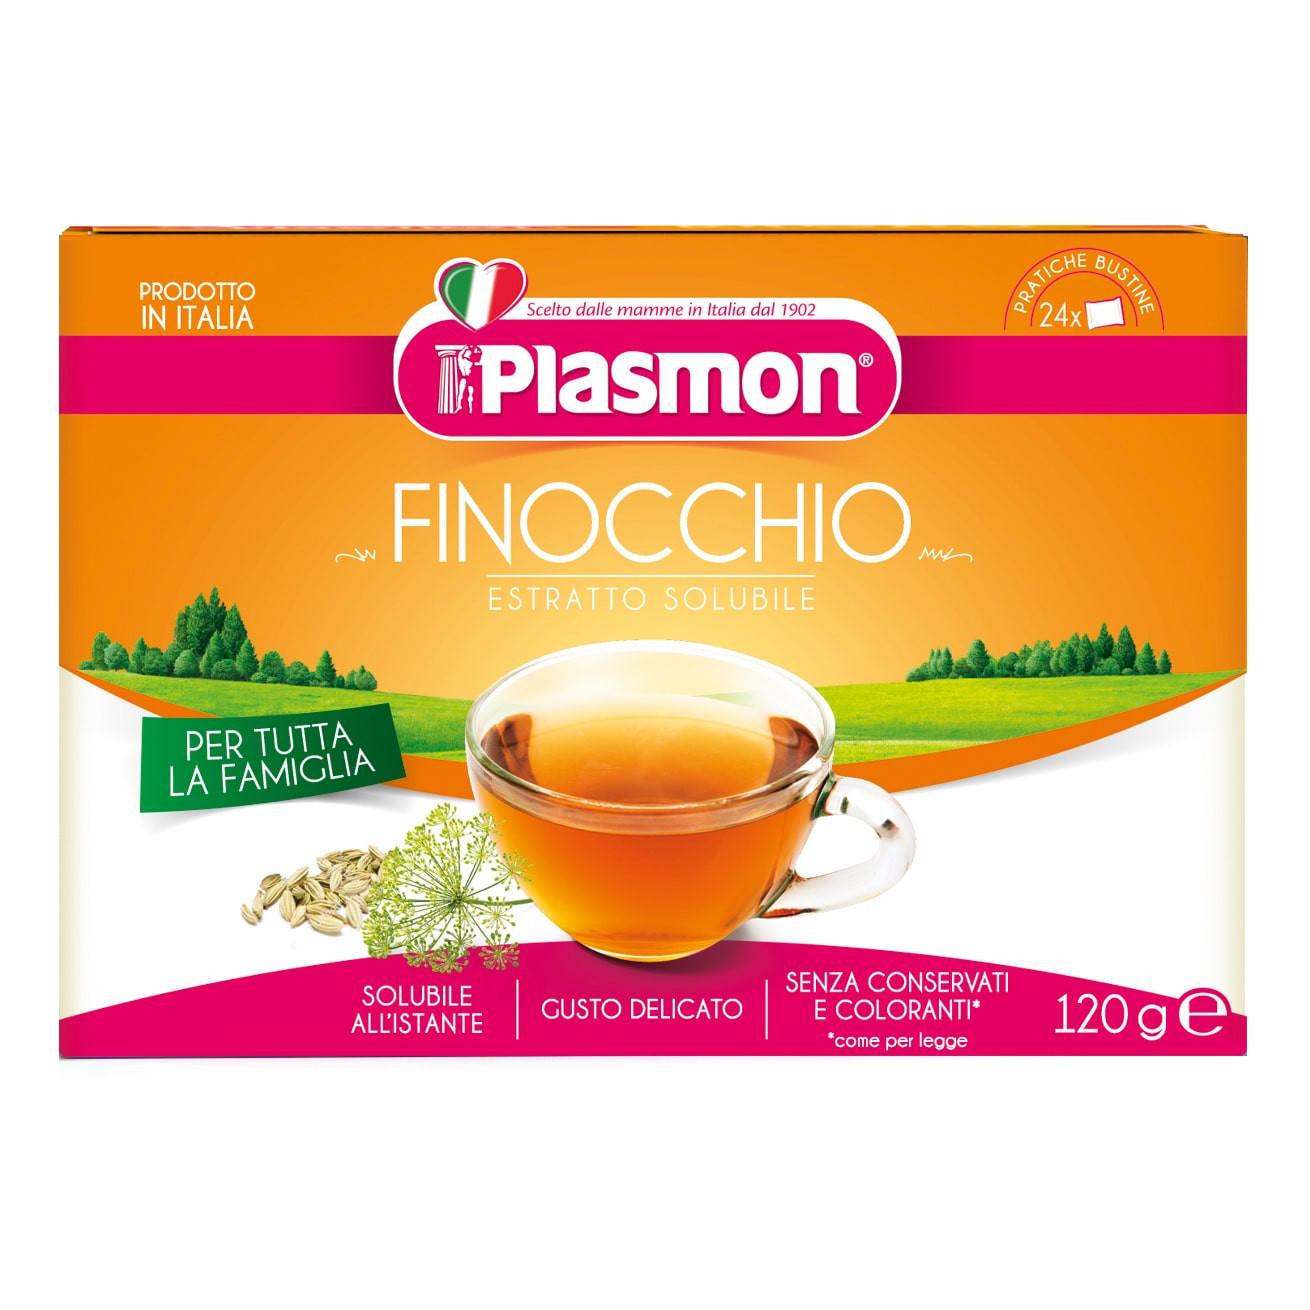 Finocchio solubile Plasmon